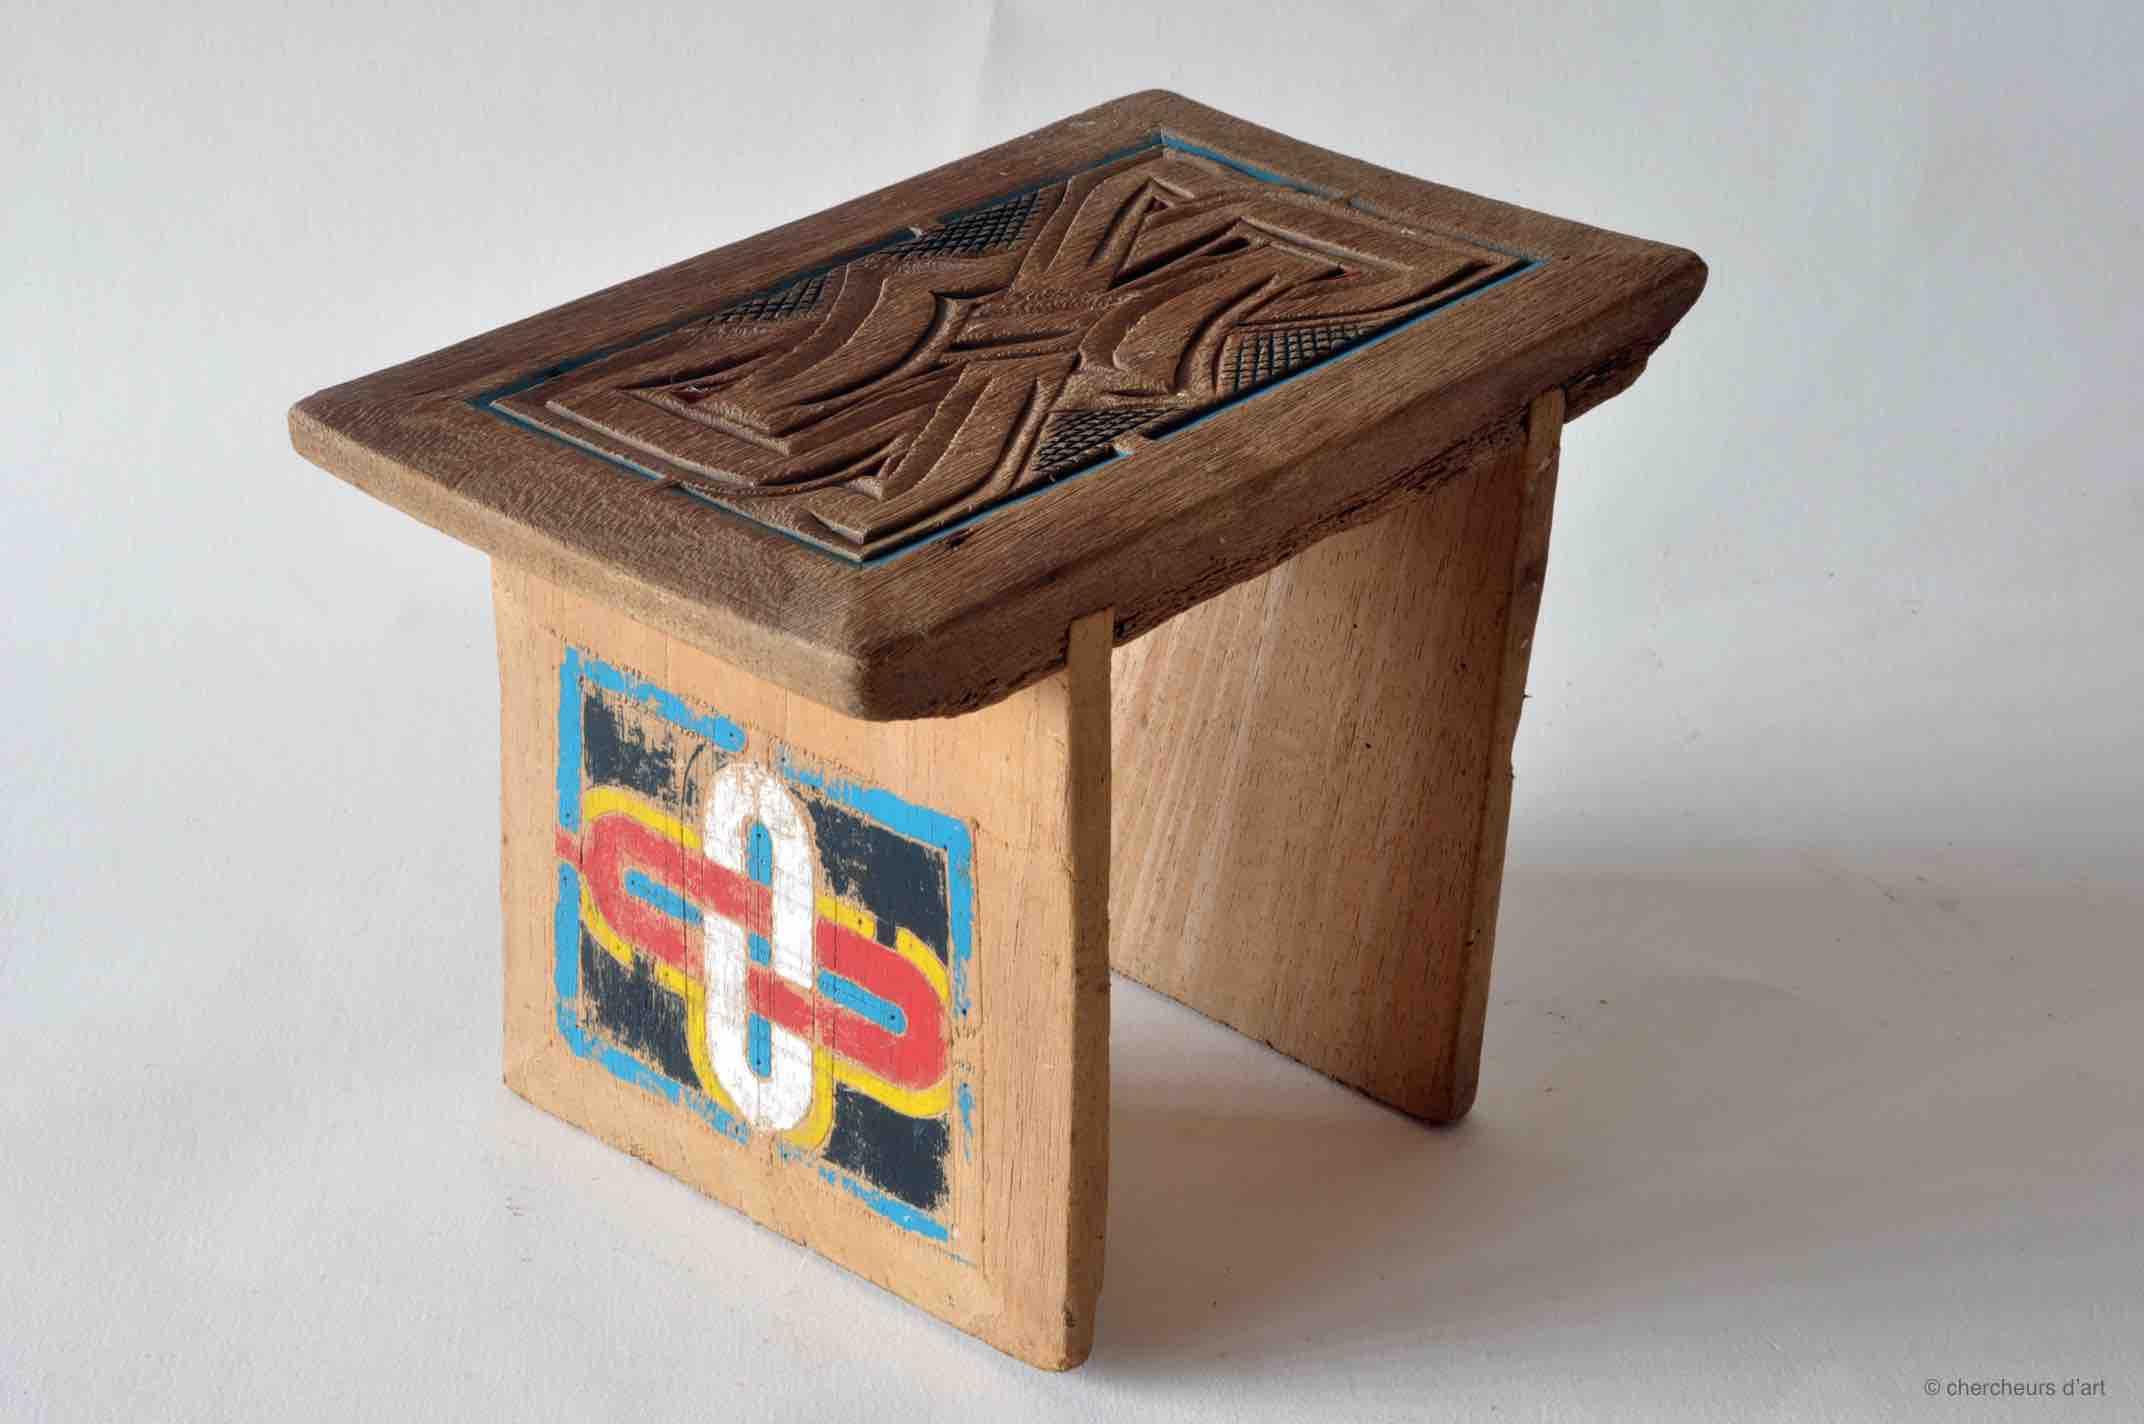 AMOEDANG WANI – BANC / bangi – cèdre, peinture glycéro | (H) 21x19x29 – 1980 > 82 – Tapanahoni, Tabiki – BO 33